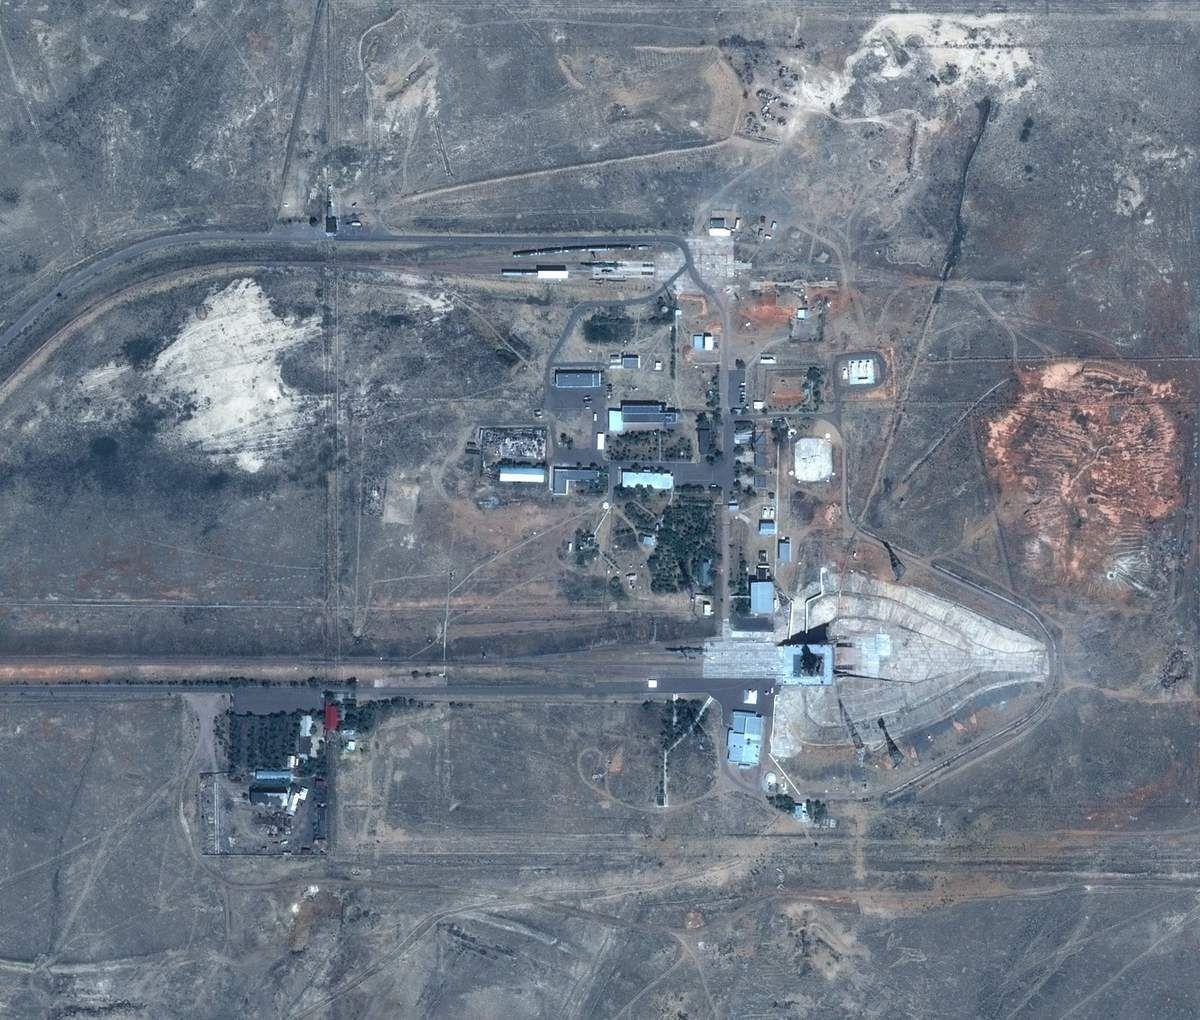 Cosmodrome de Baikonour - Vu par le satellite Pleiades - CNES - Airbus DS - Thomas Pesquet - Proxima